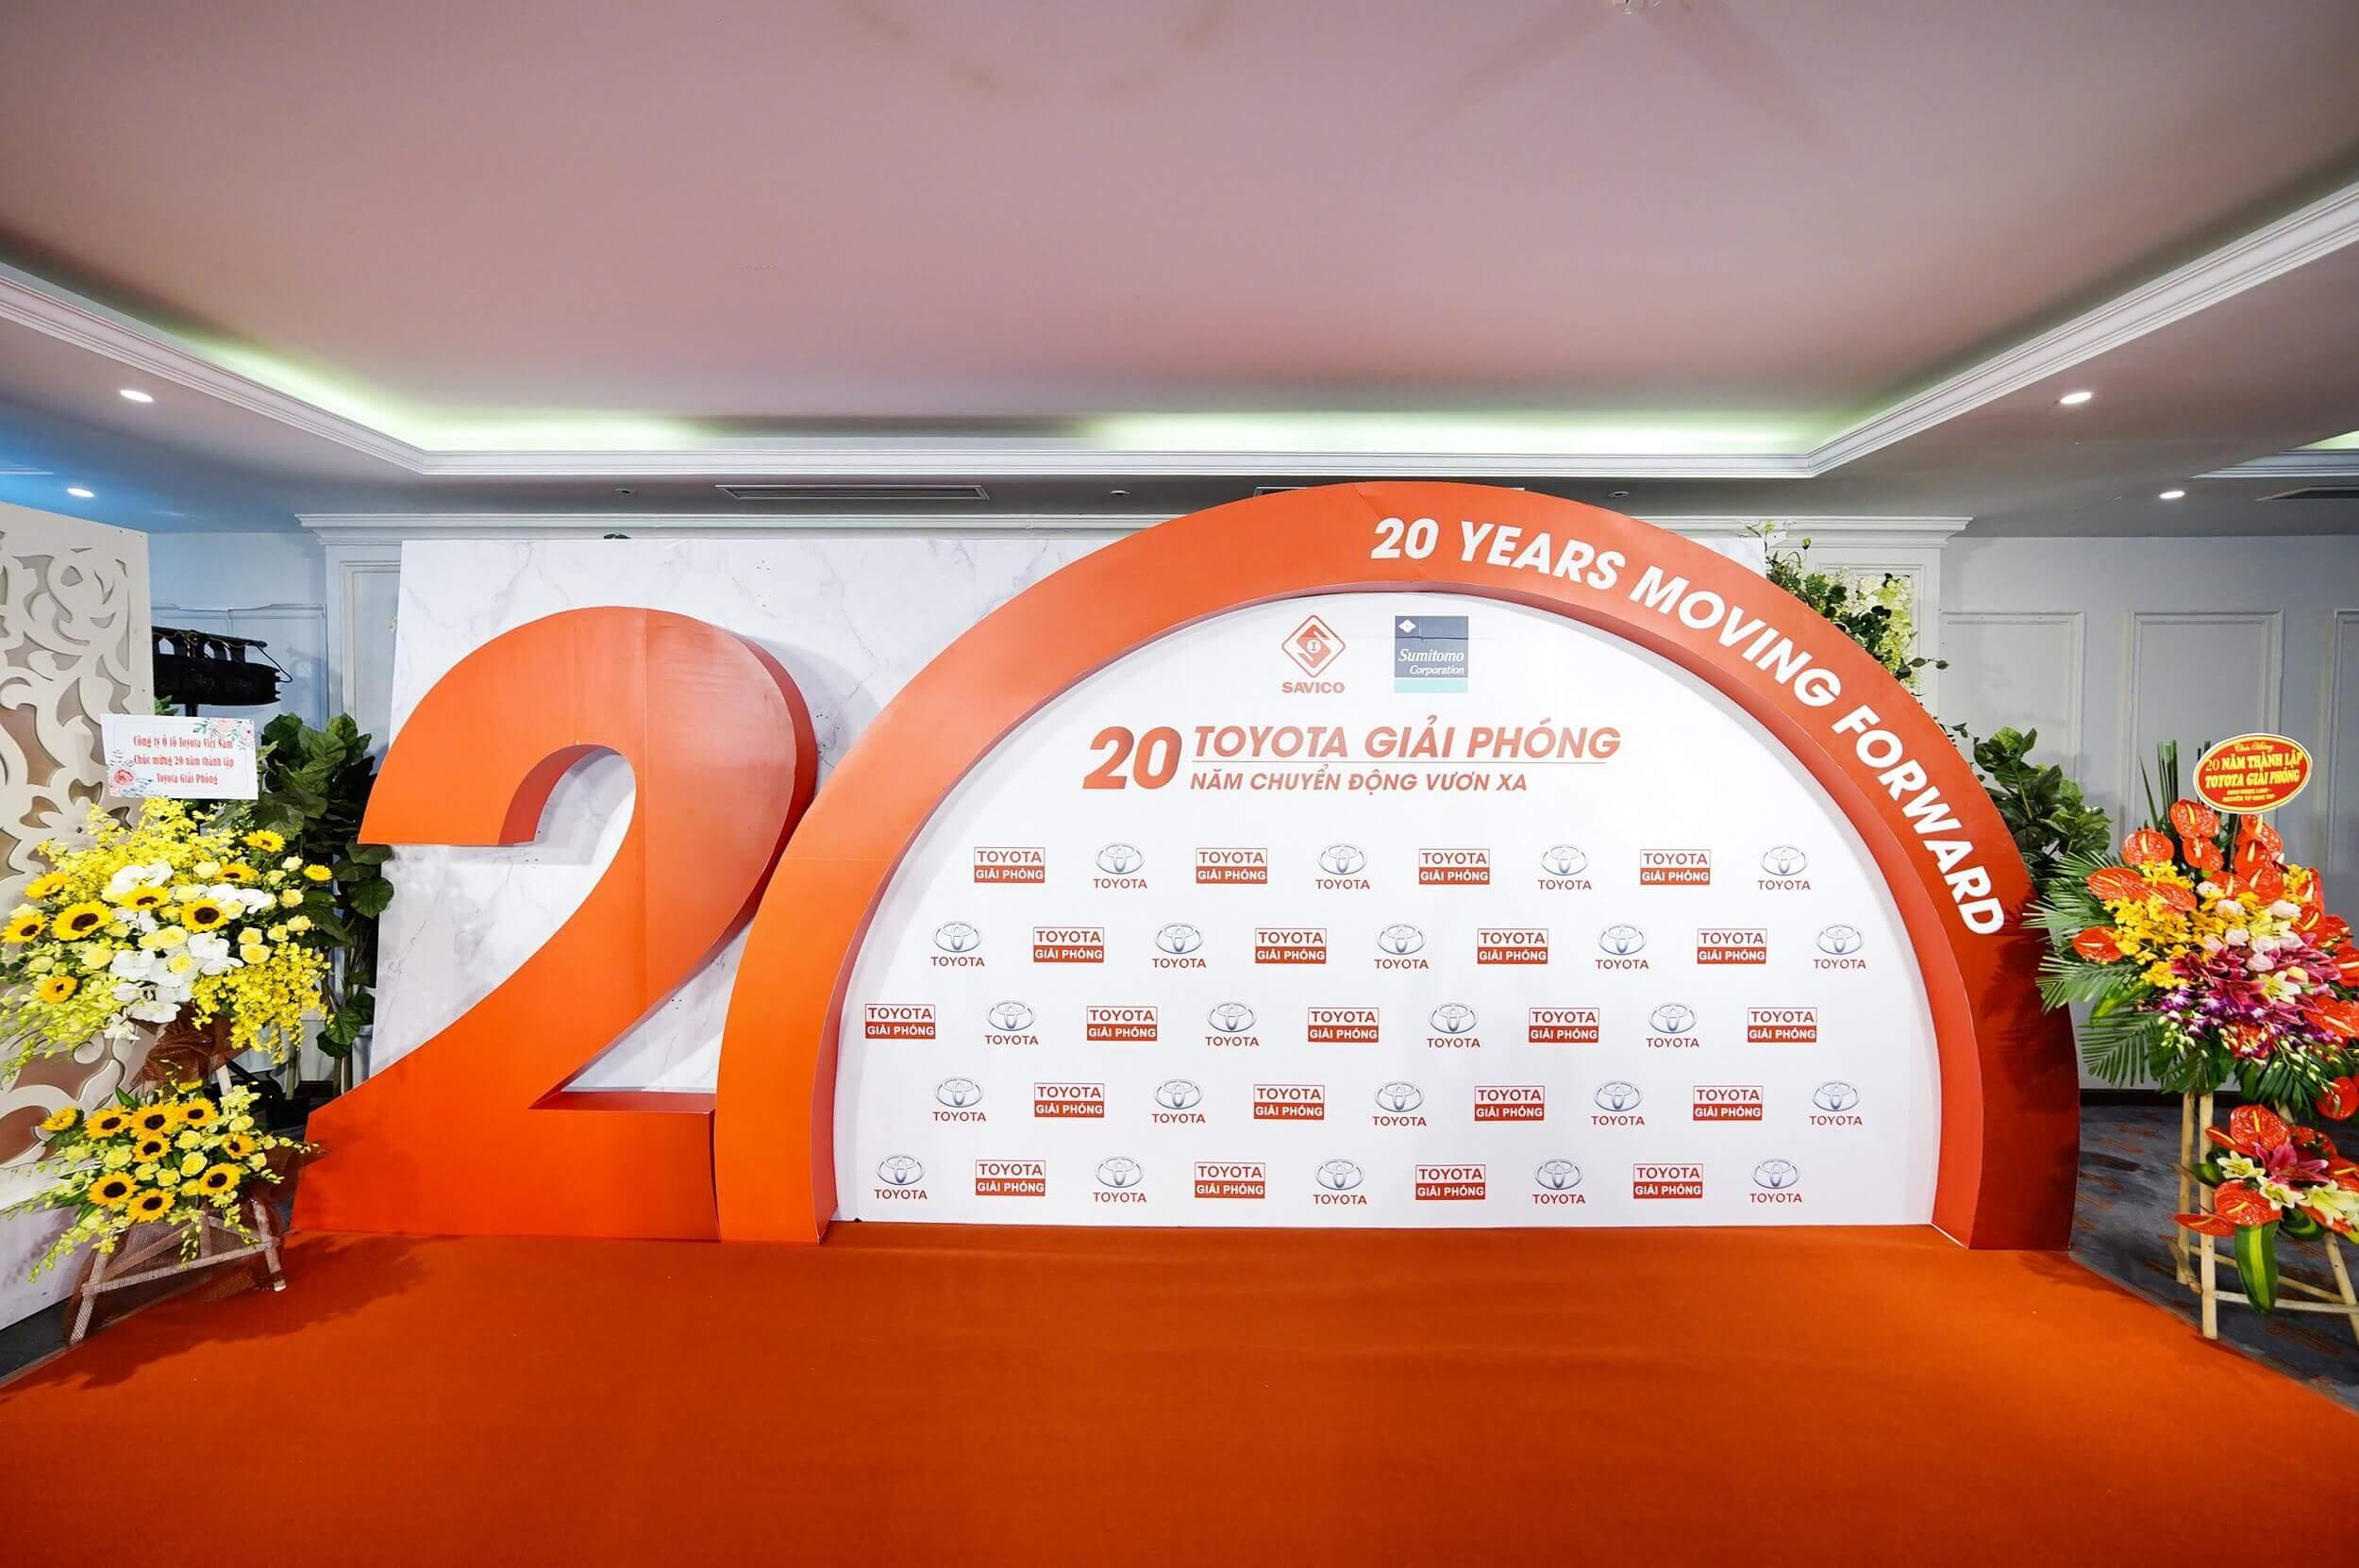 tổ chức lể kỷ niệm tại Đà Nẵng 3